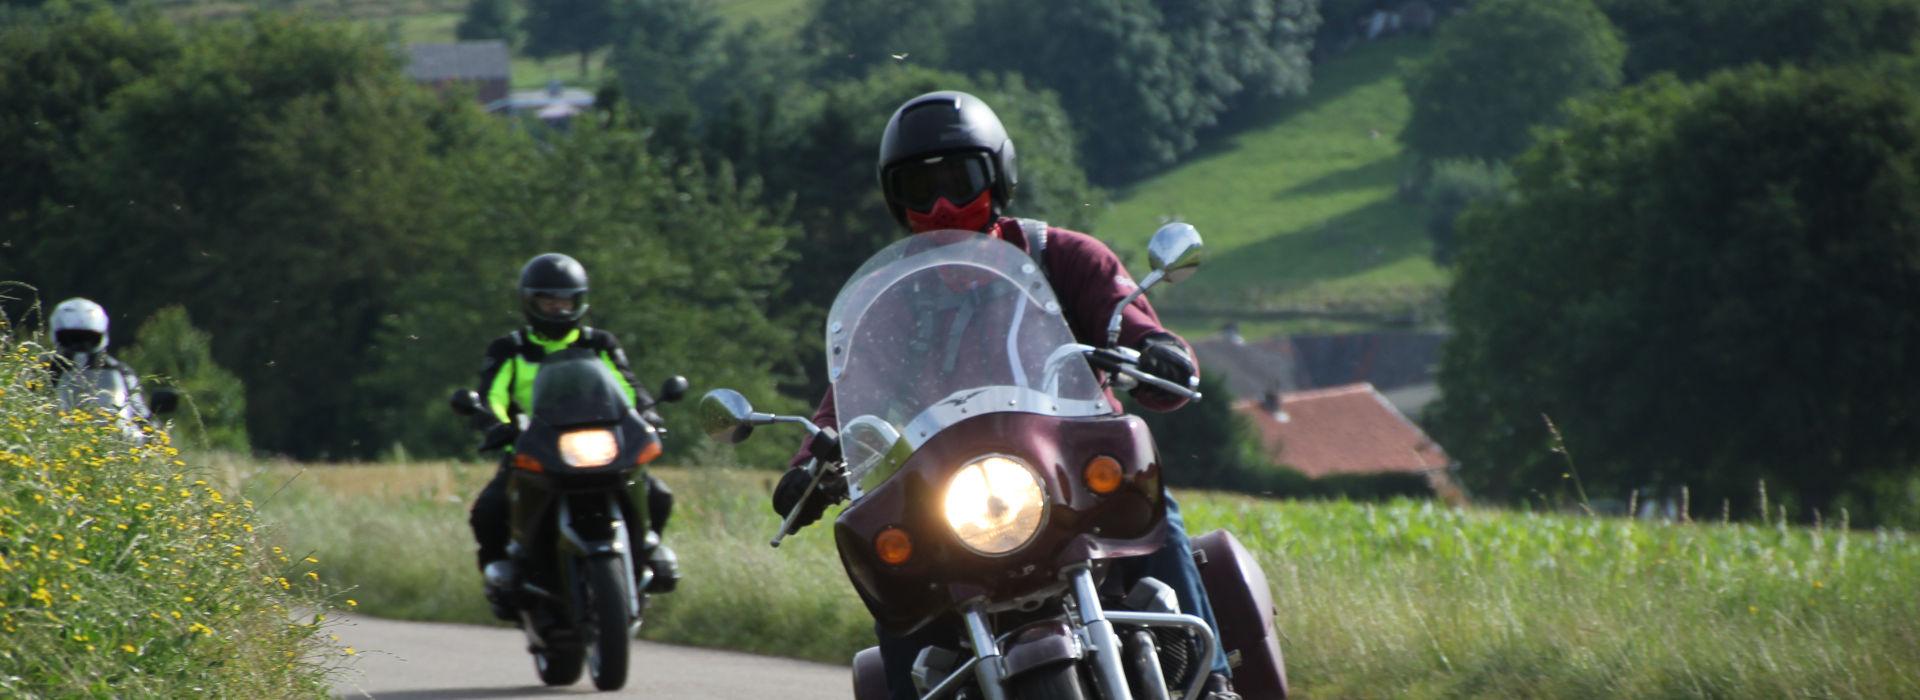 Motorrijschool Motorrijbewijspoint Moerkapelle motorrijlessen